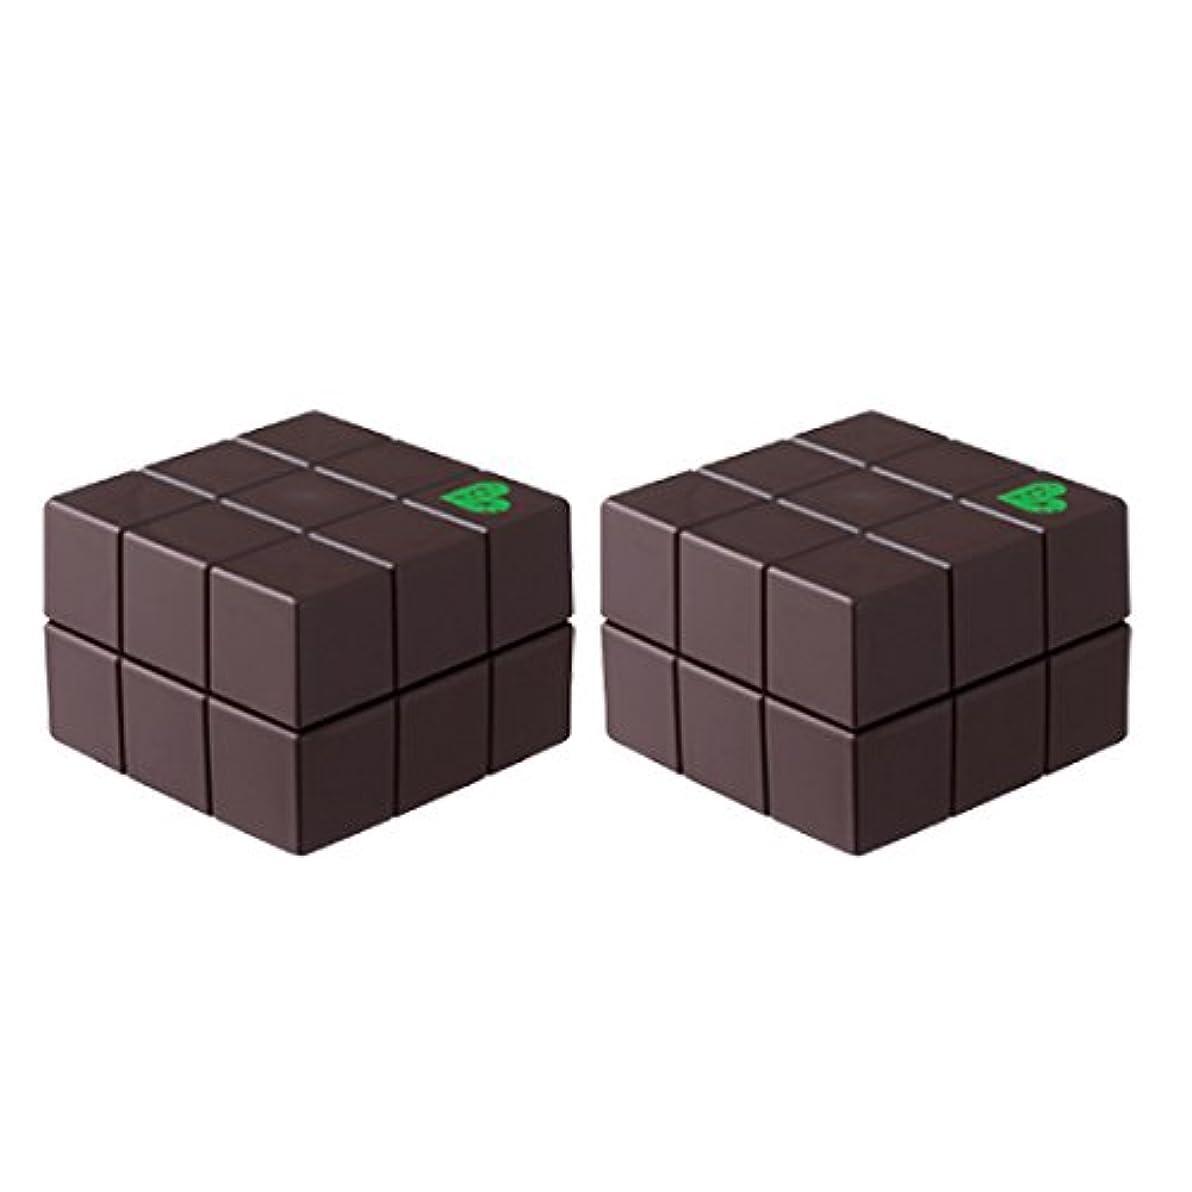 謎生き残ります振る舞う【x2個セット】 アリミノ ピース プロデザインシリーズ ハードワックス チョコ 40g